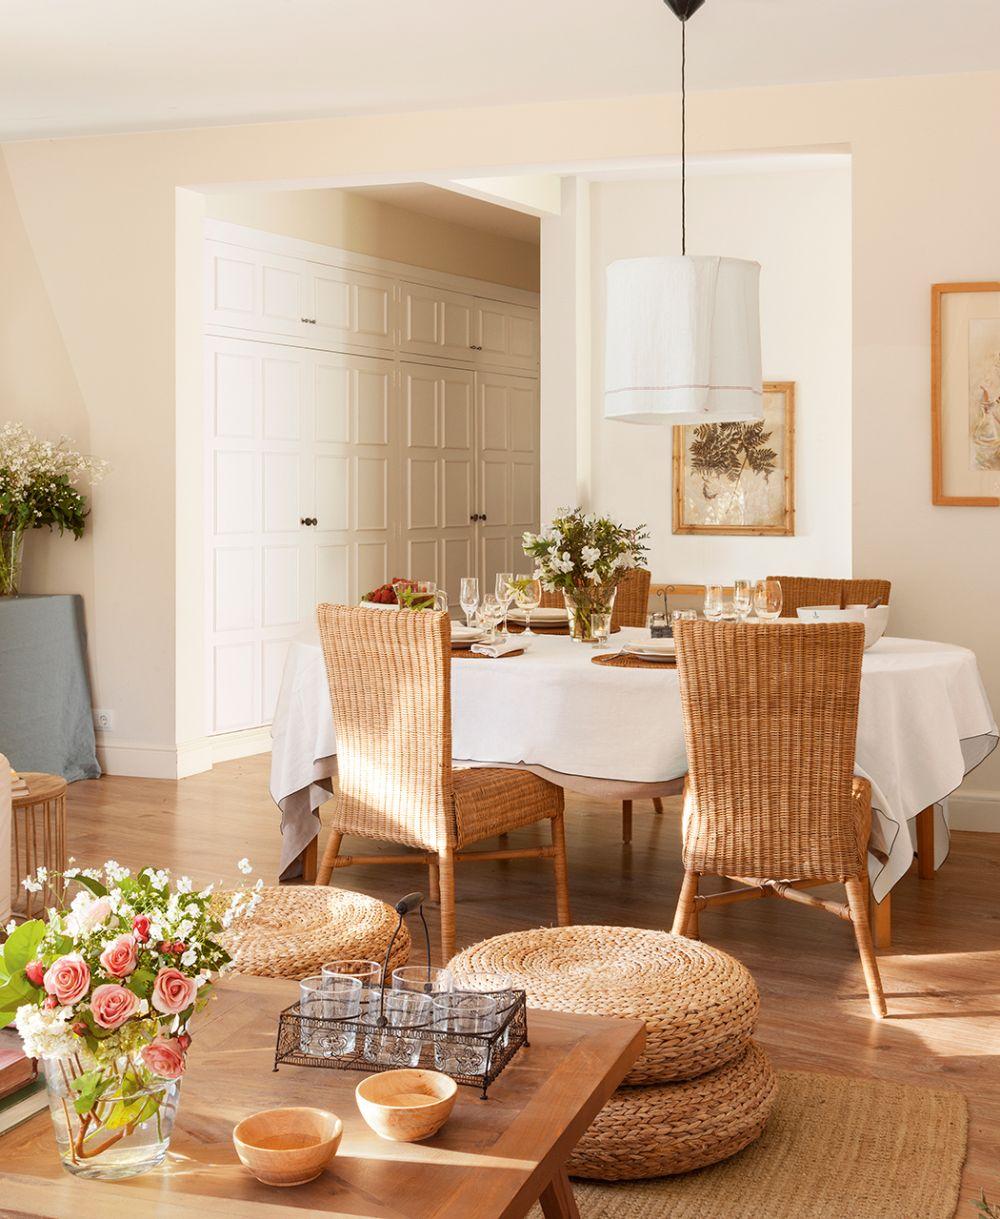 adelaparvu.com despre casa luminoasa Spania, decorator Marta Negra, Foto ElMueble, Fernando Bedon (1)